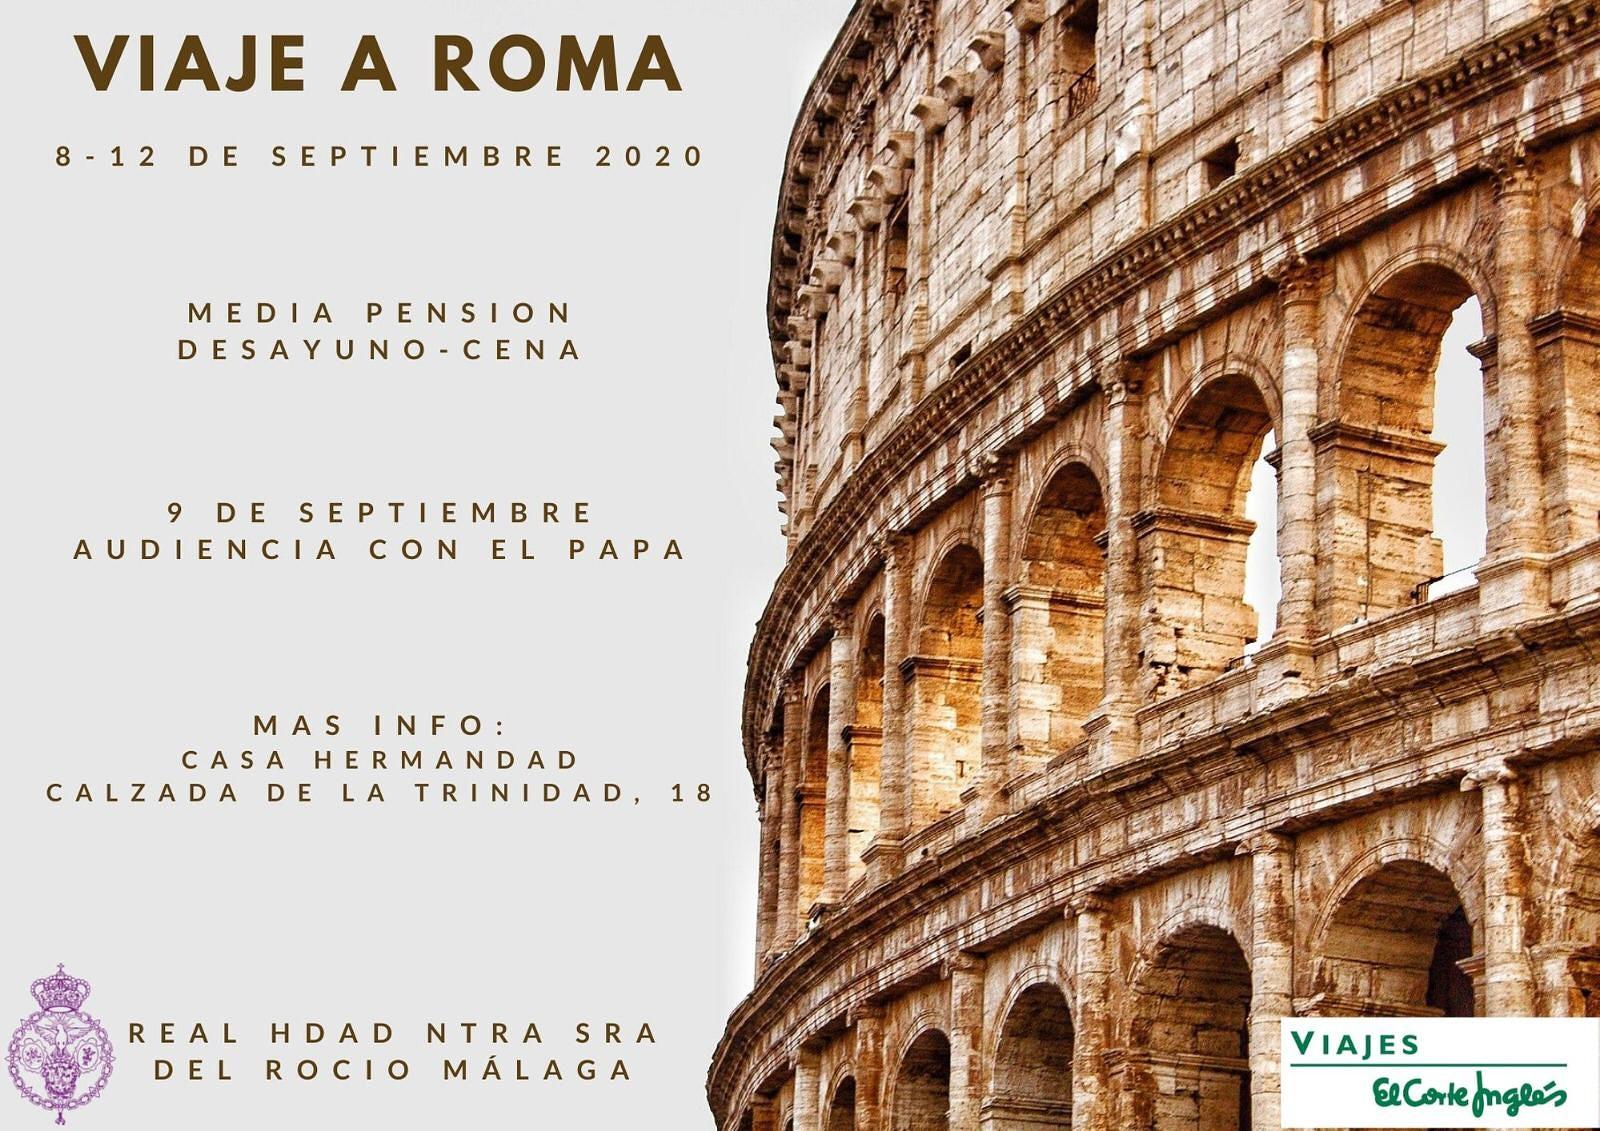 Viaje a Roma 2020